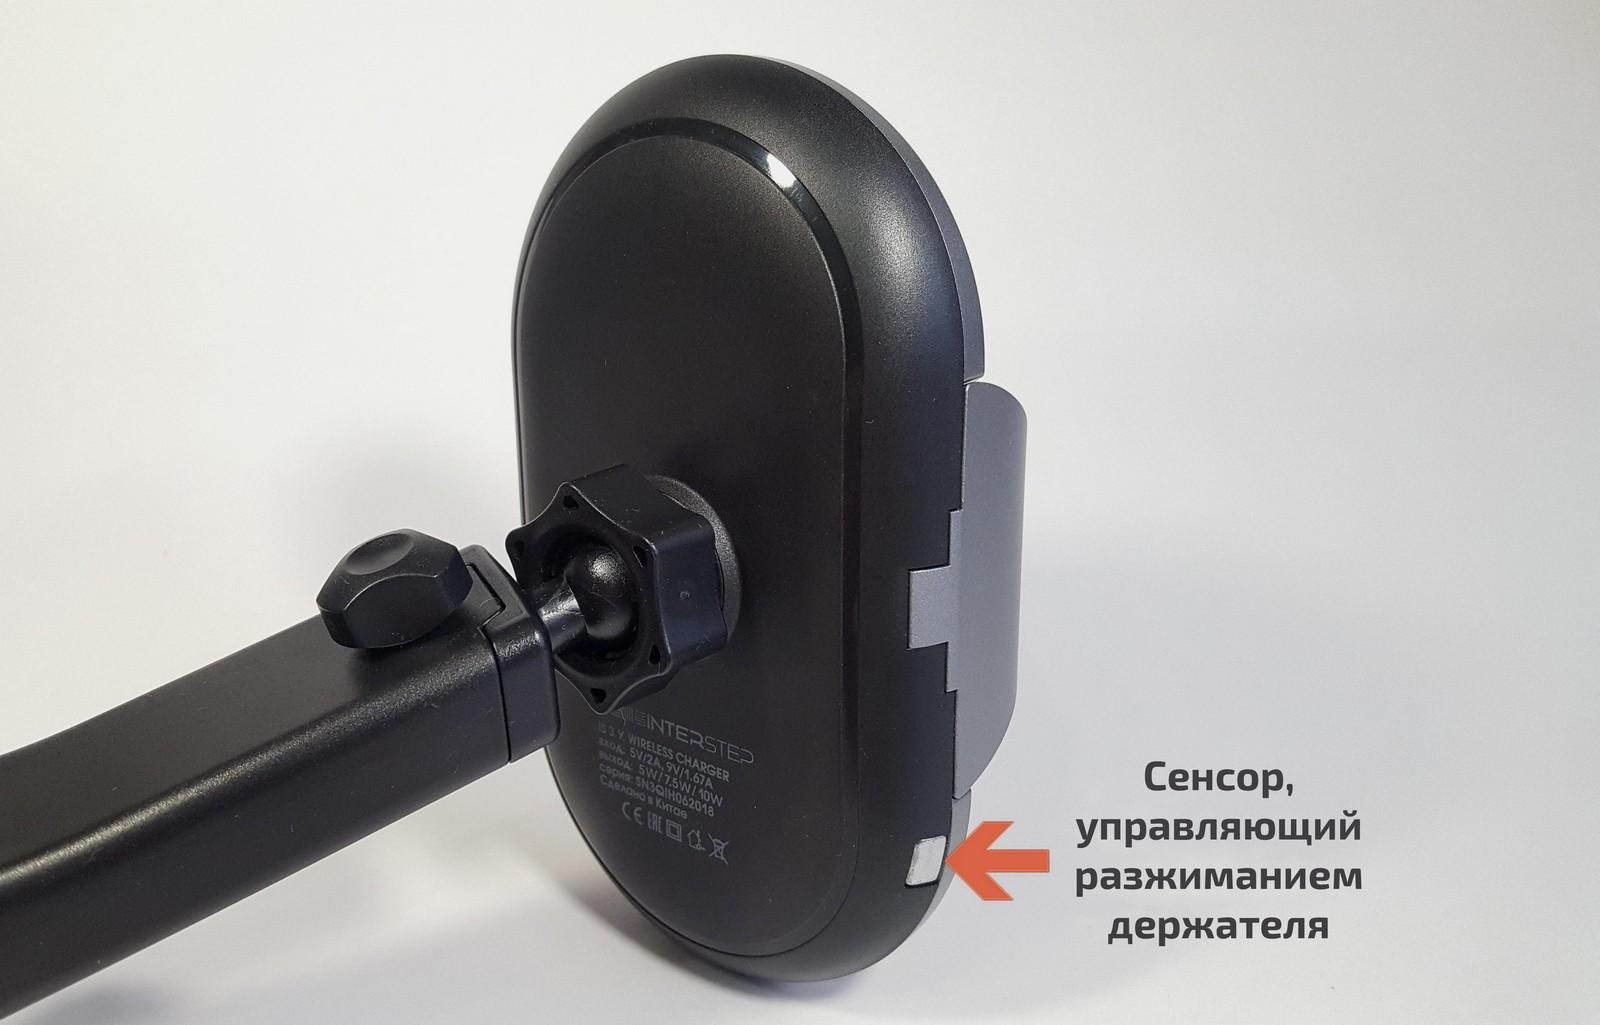 робот-держатель для смартфона с беспроводной зарядкой (8)